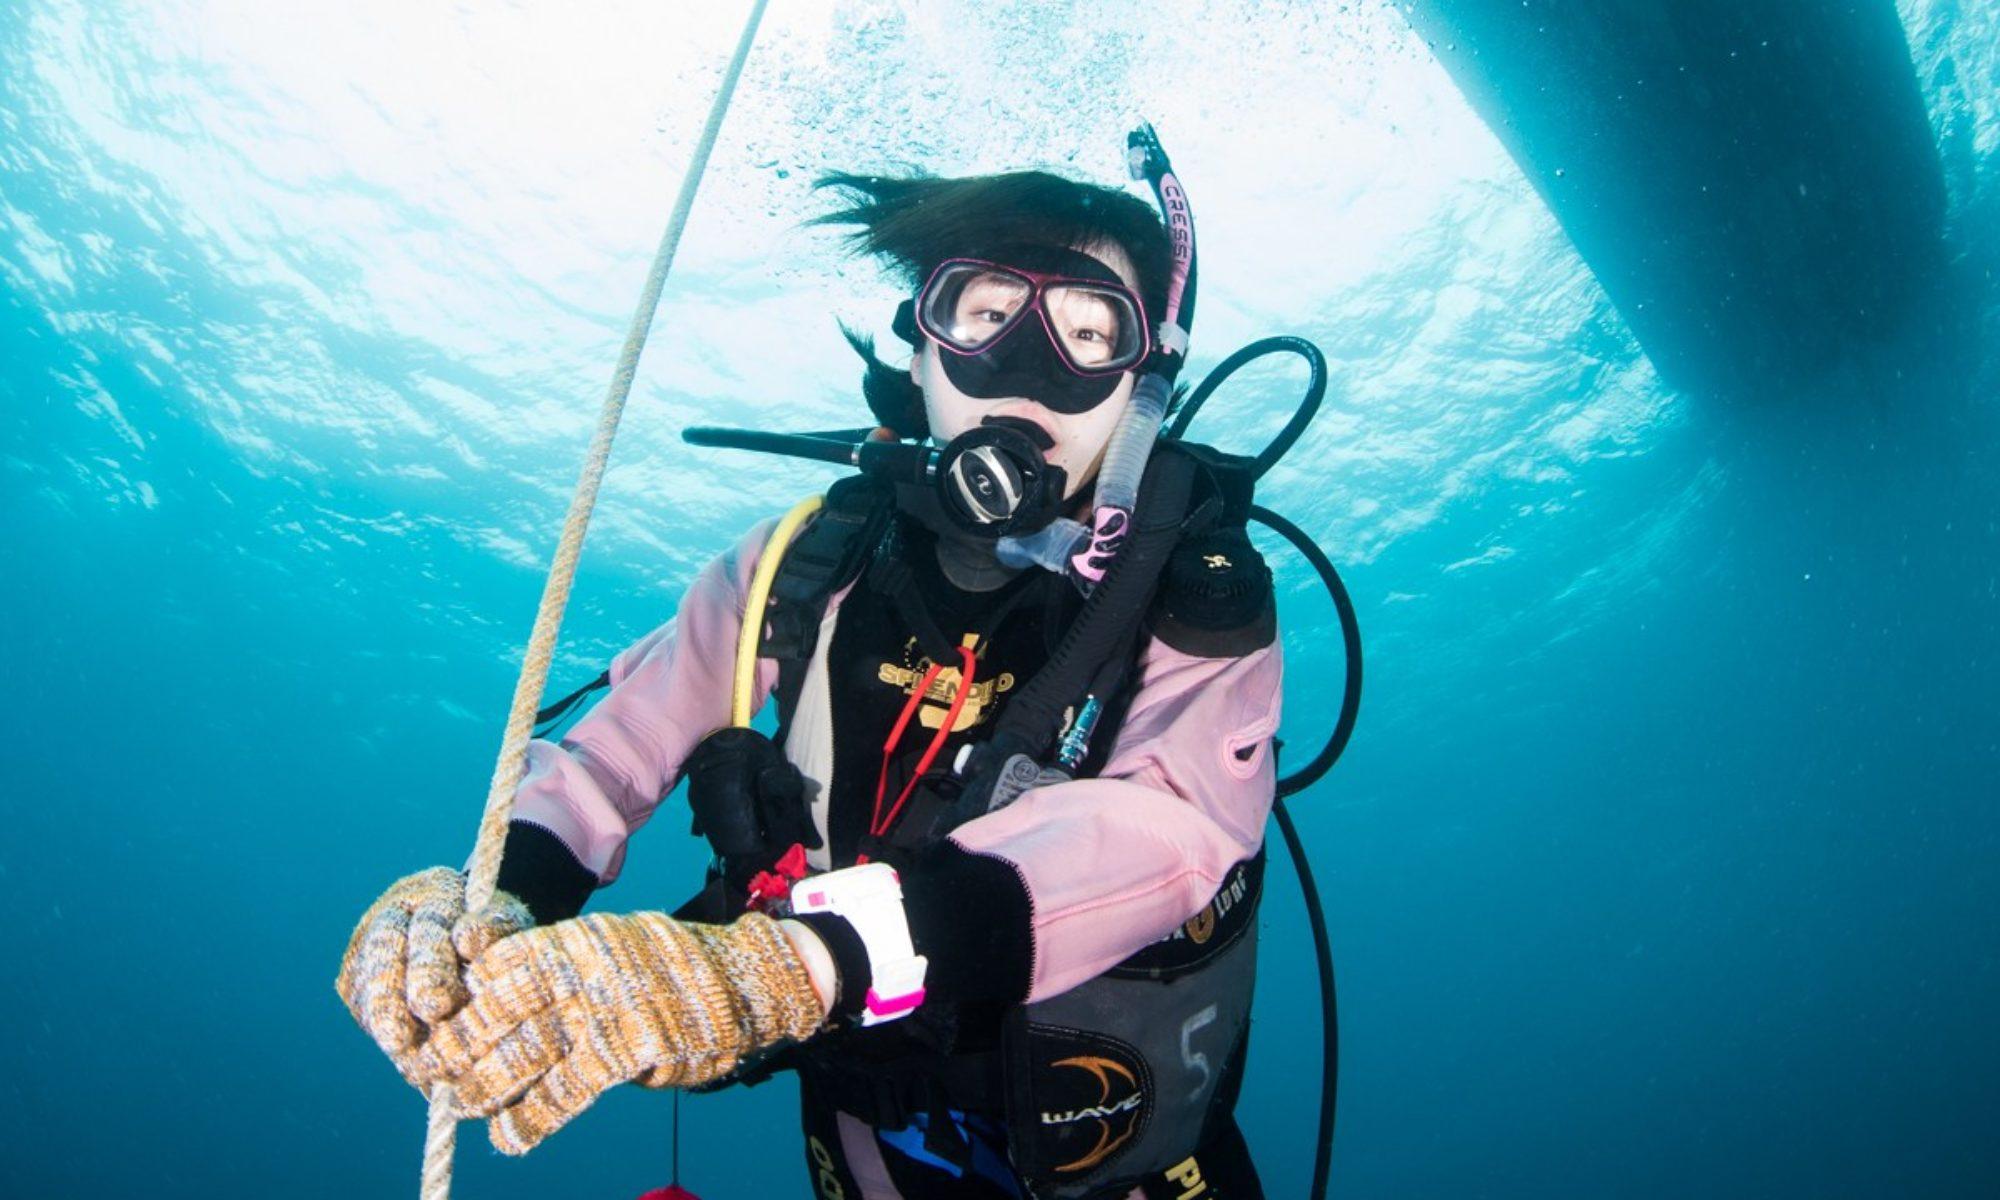 沖縄ダイビングライセンス・女性1人旅の口コミ